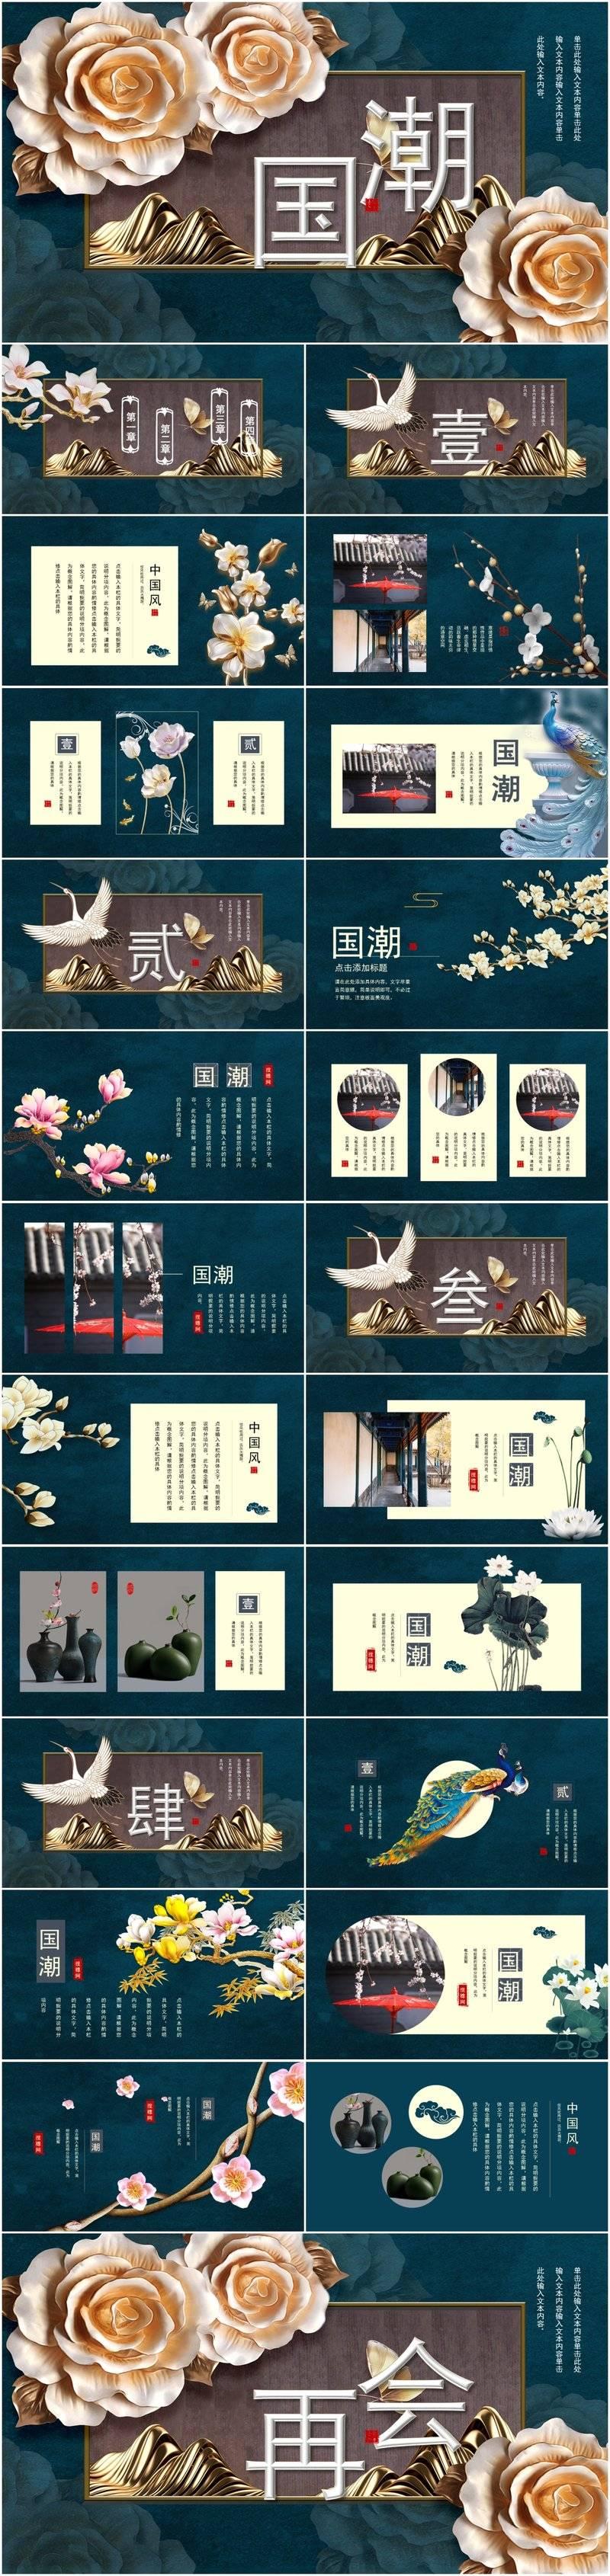 高贵优质新中式古典牡丹浮雕中国国潮经典文化PPT模板